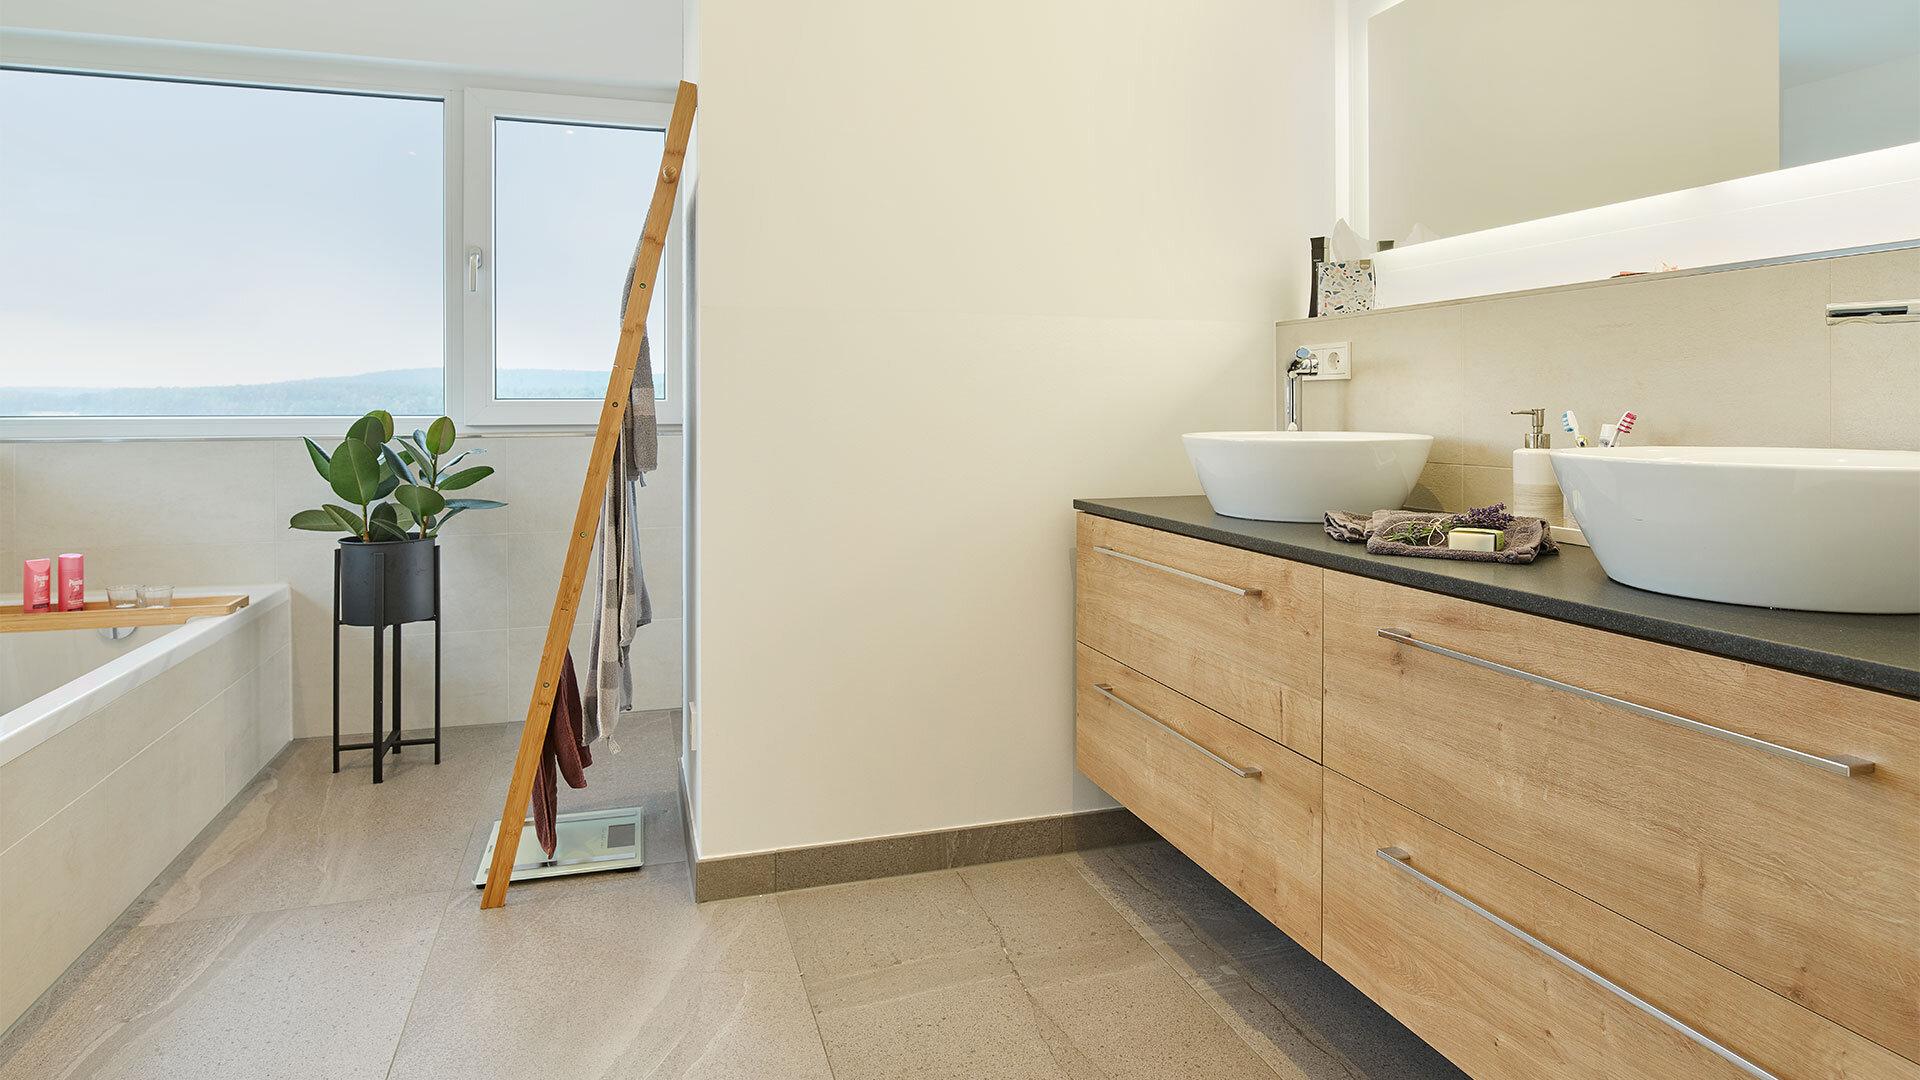 Badezimmer einrichten und gestalten   Ideen rund um das Badezimmer